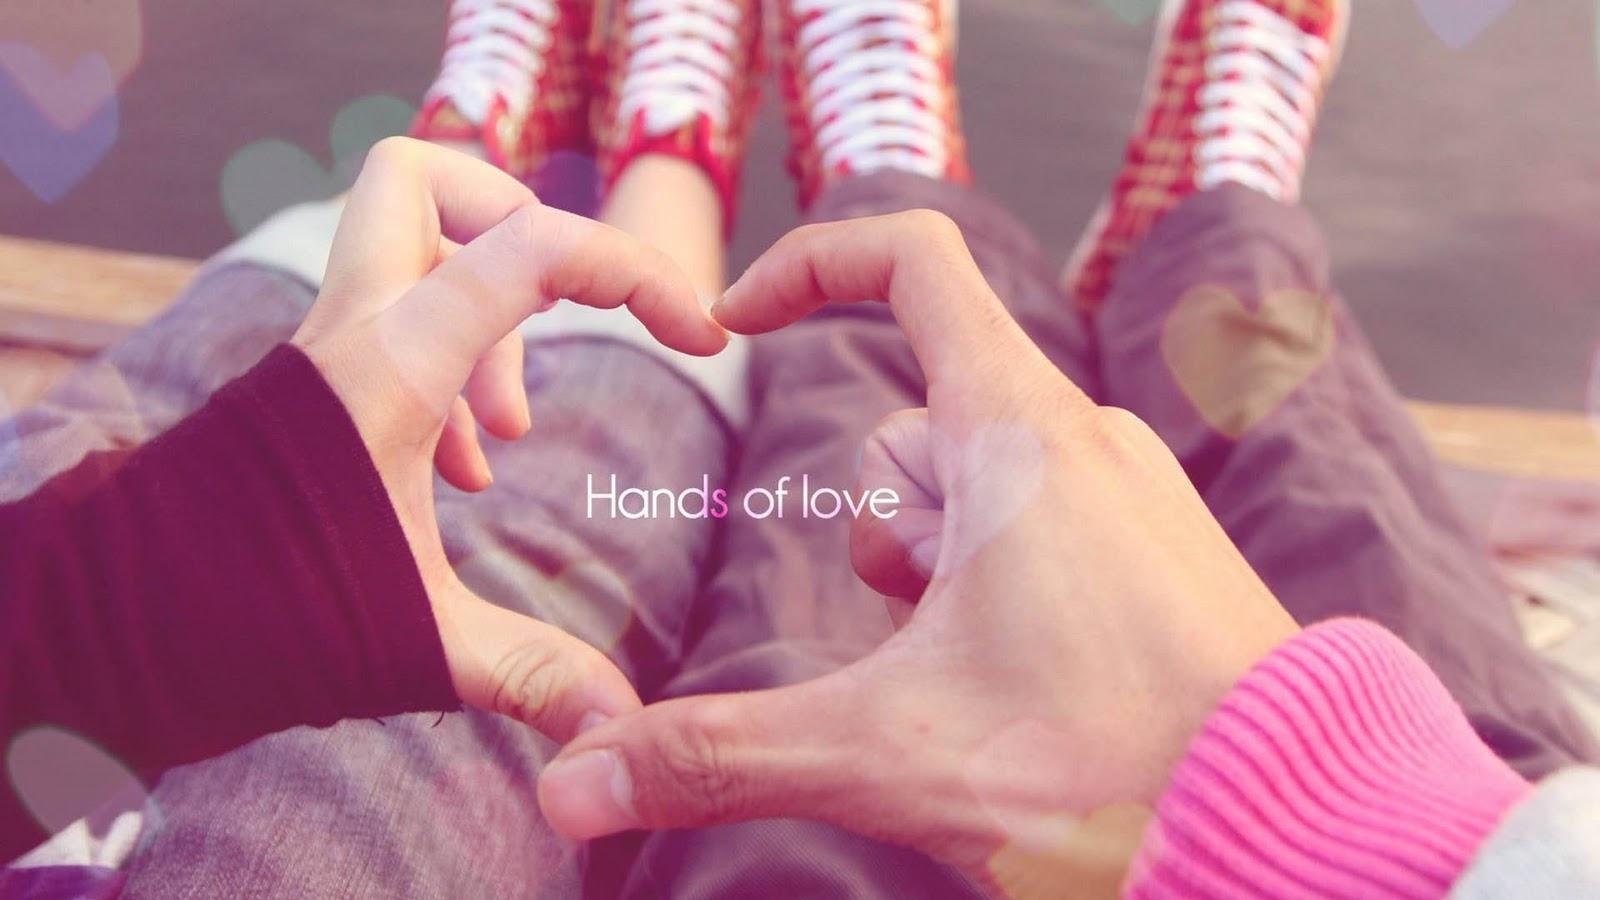 http://4.bp.blogspot.com/-TnqvLG1WVw0/TsQL1QgMhMI/AAAAAAAAA4I/5kPYUYYvCVQ/s1600/Sitting+Close+Up+Hands+Heart+Day+Lovers+Couple+HD+Wallpaper+-+LoveWallpapers4u.Blogspot.Com.jpg